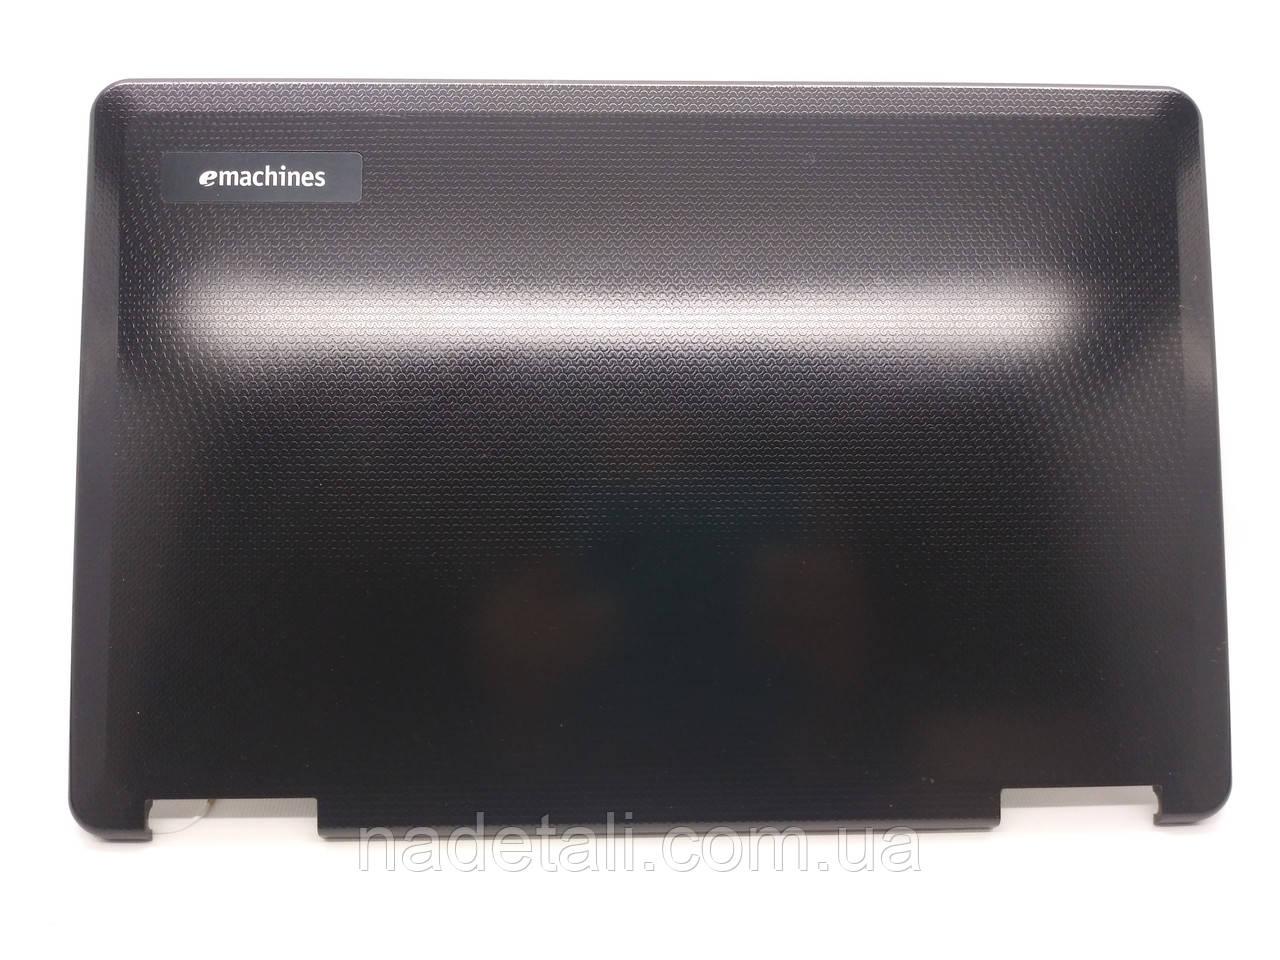 Крышка матрицы eMachines E525 AP06R000C00